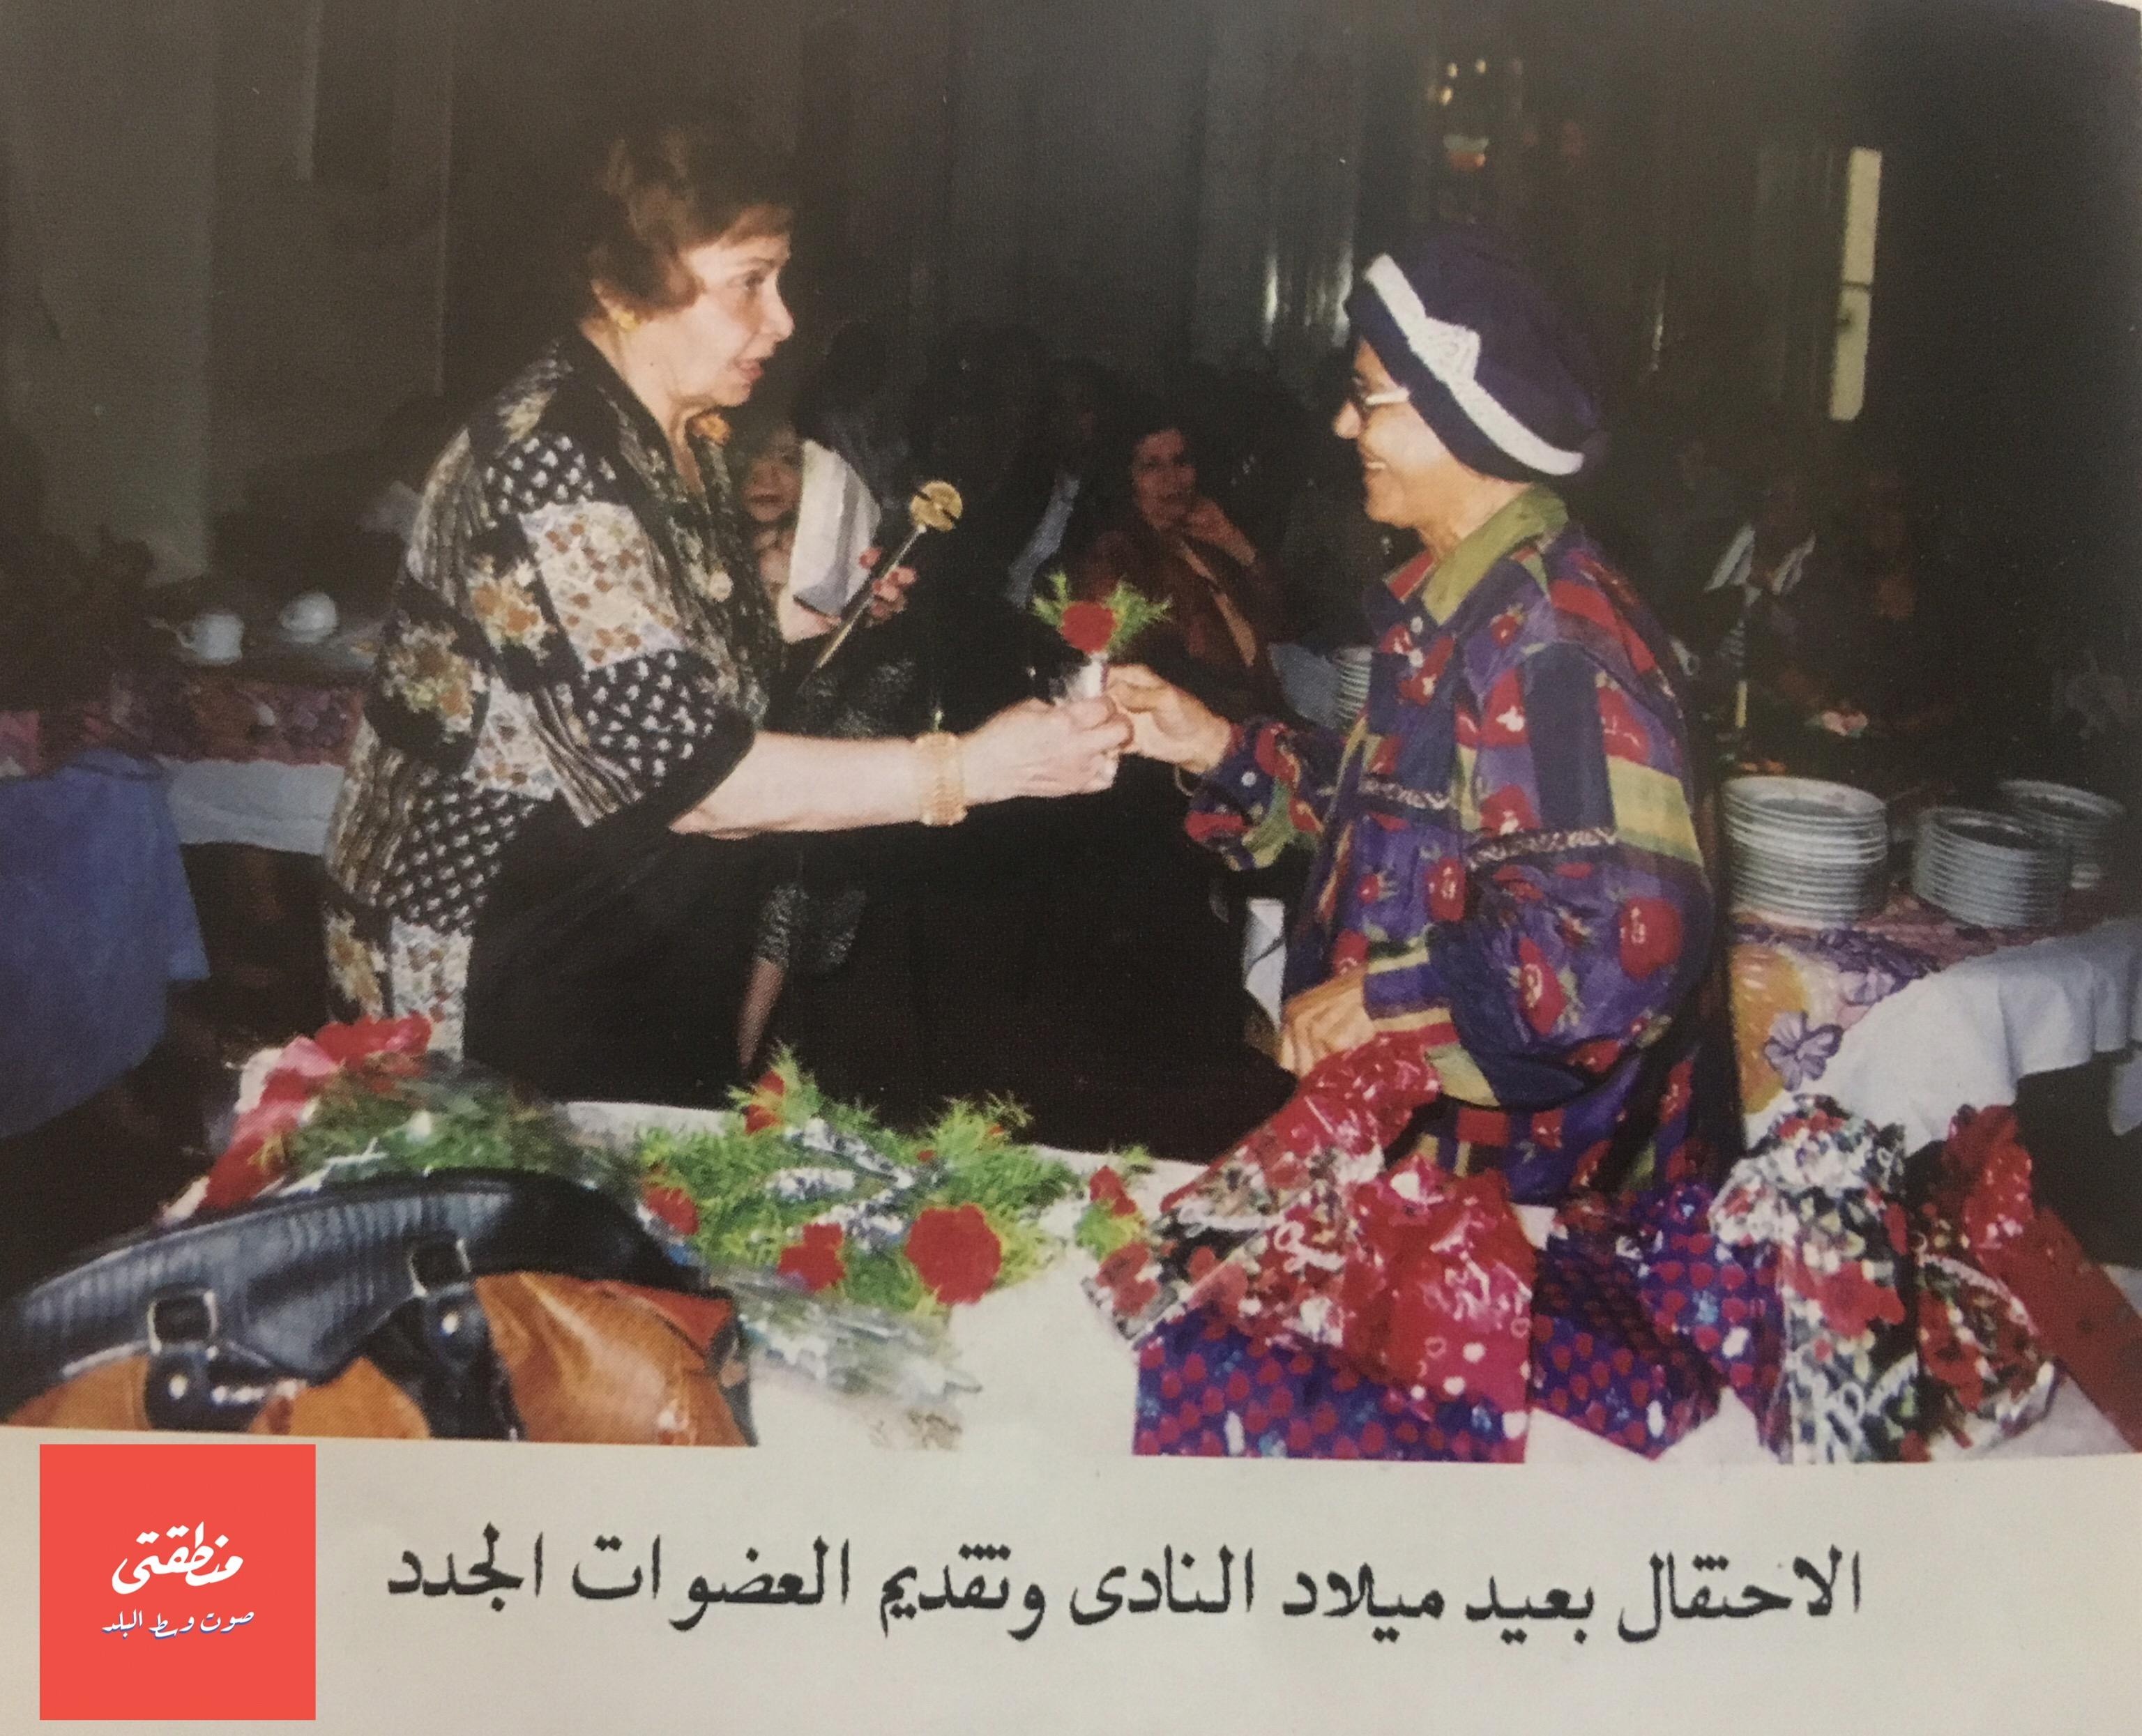 الاحتفال بعيد ميلاد نادي سيدات القاهرة